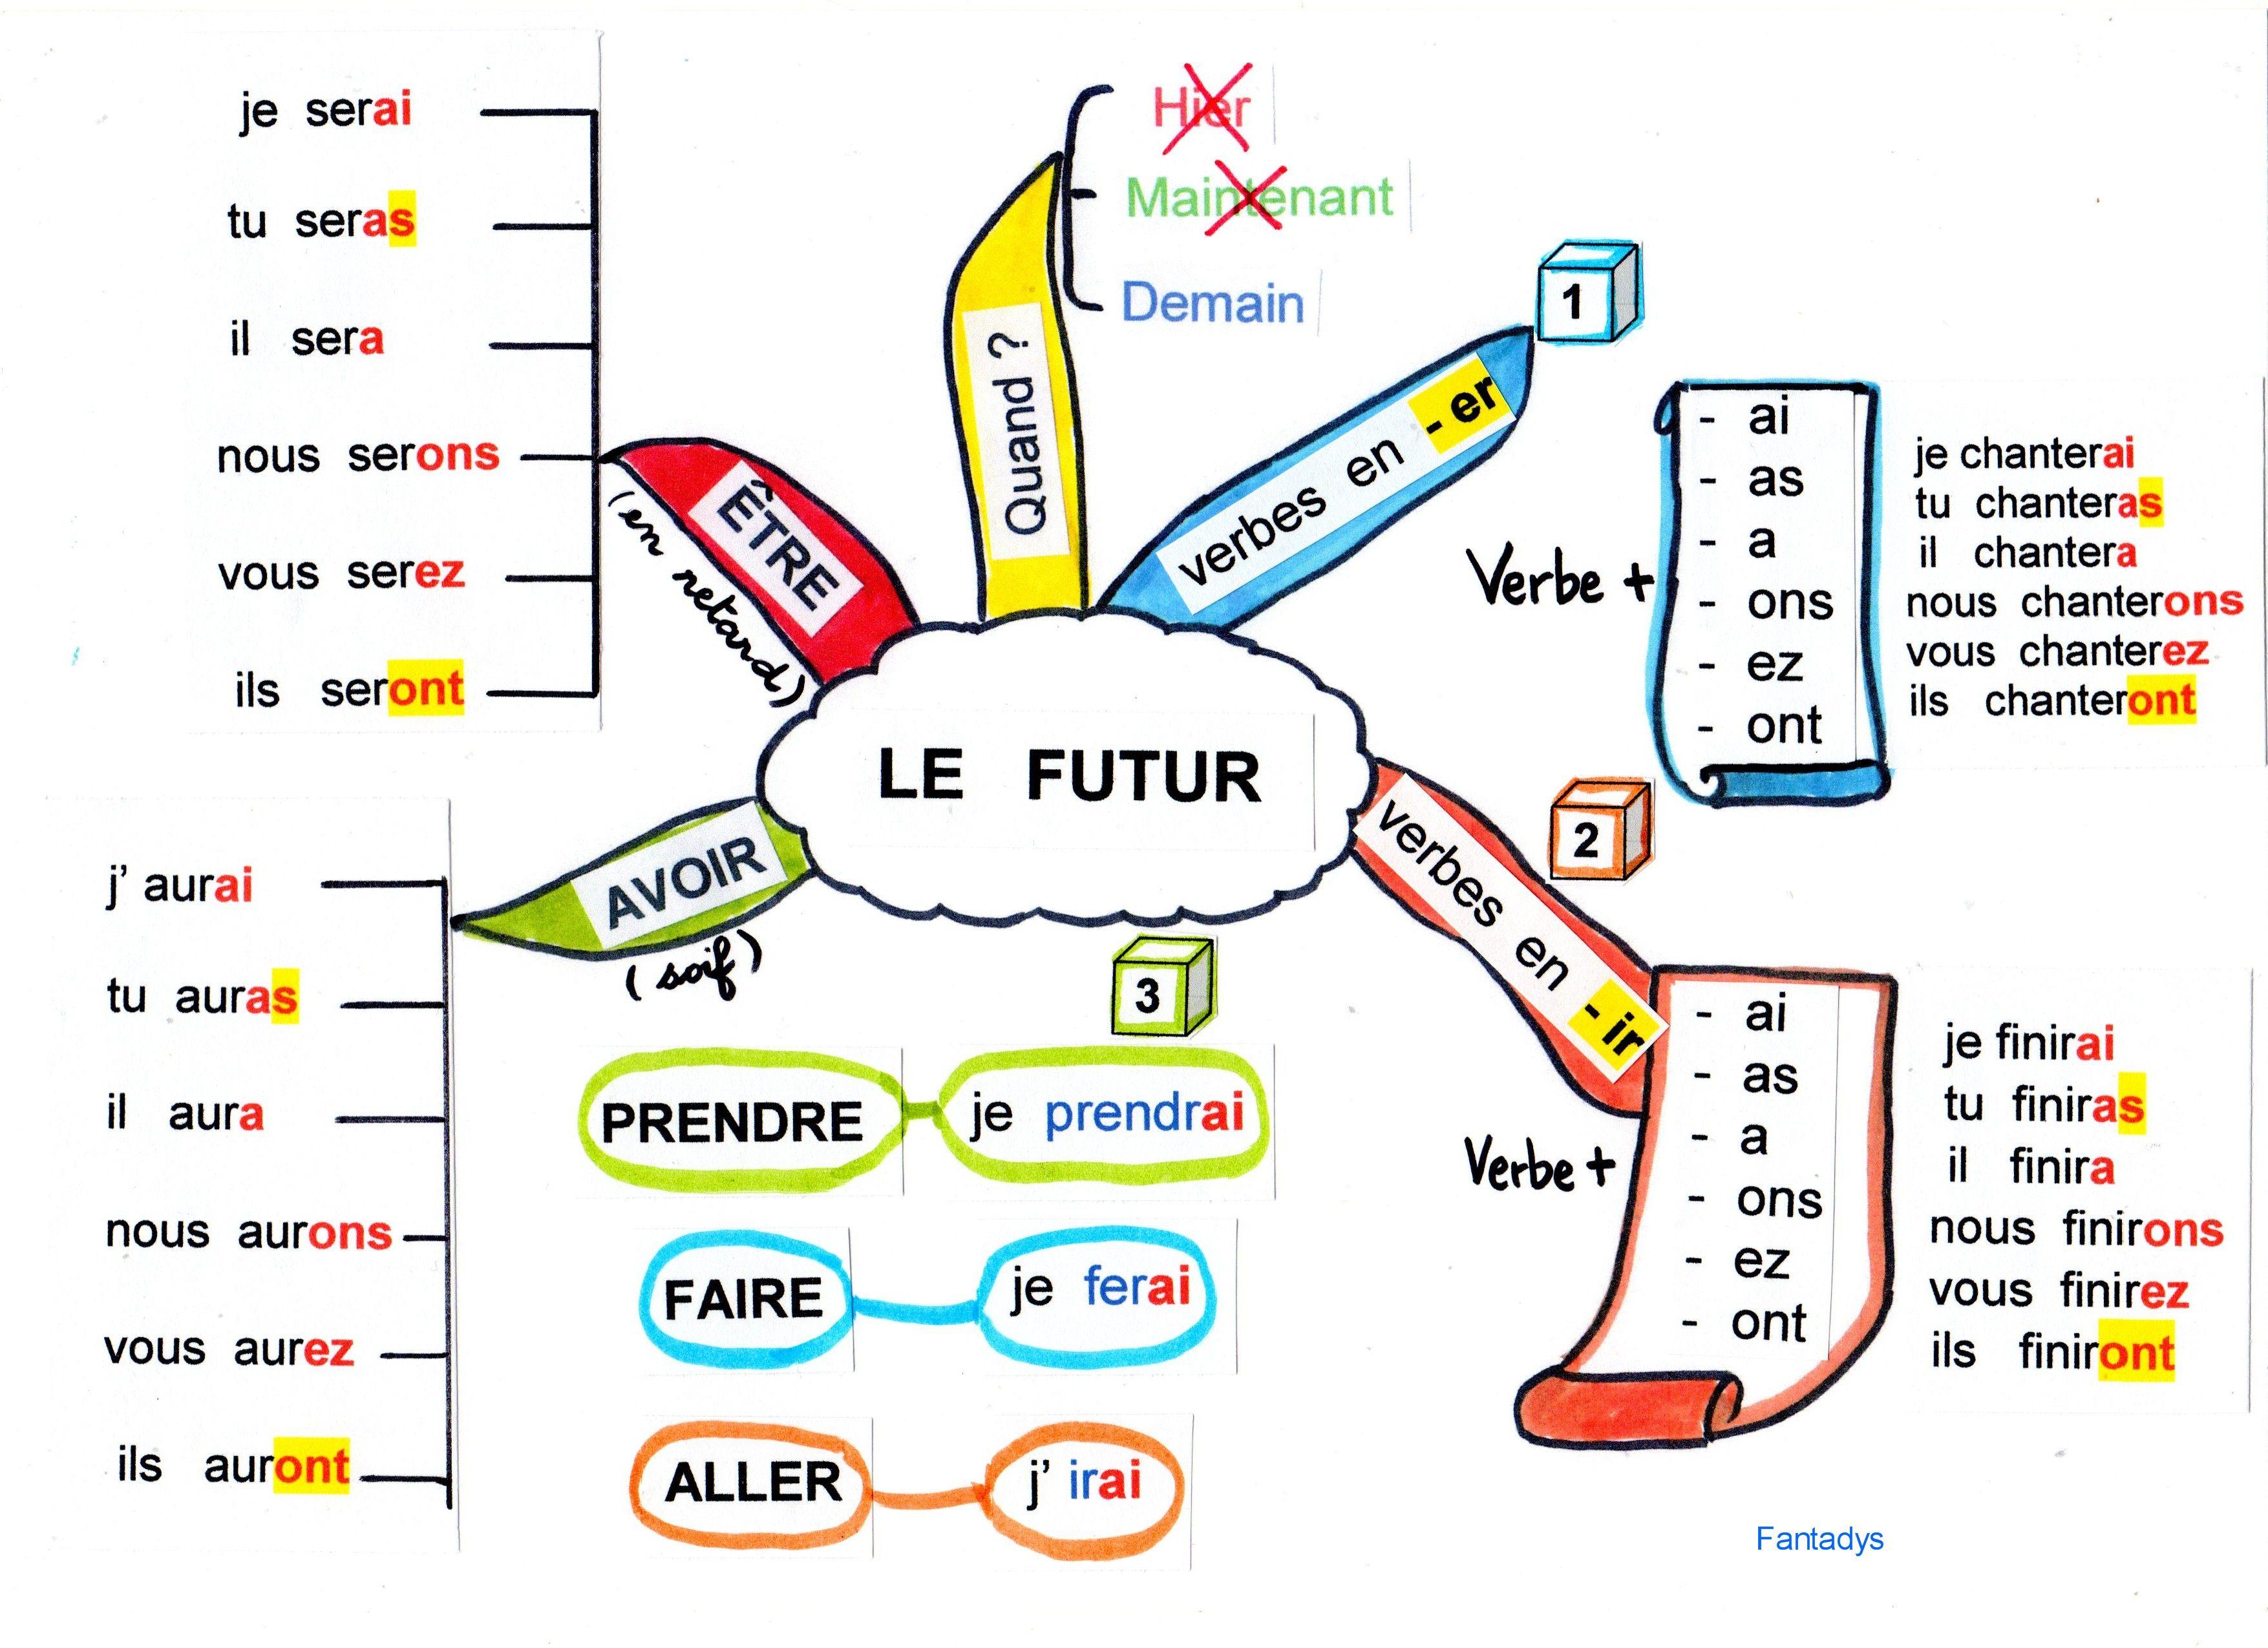 cartes mentales Conjugaison | Carte mentale, Futur simple et Conjugaison